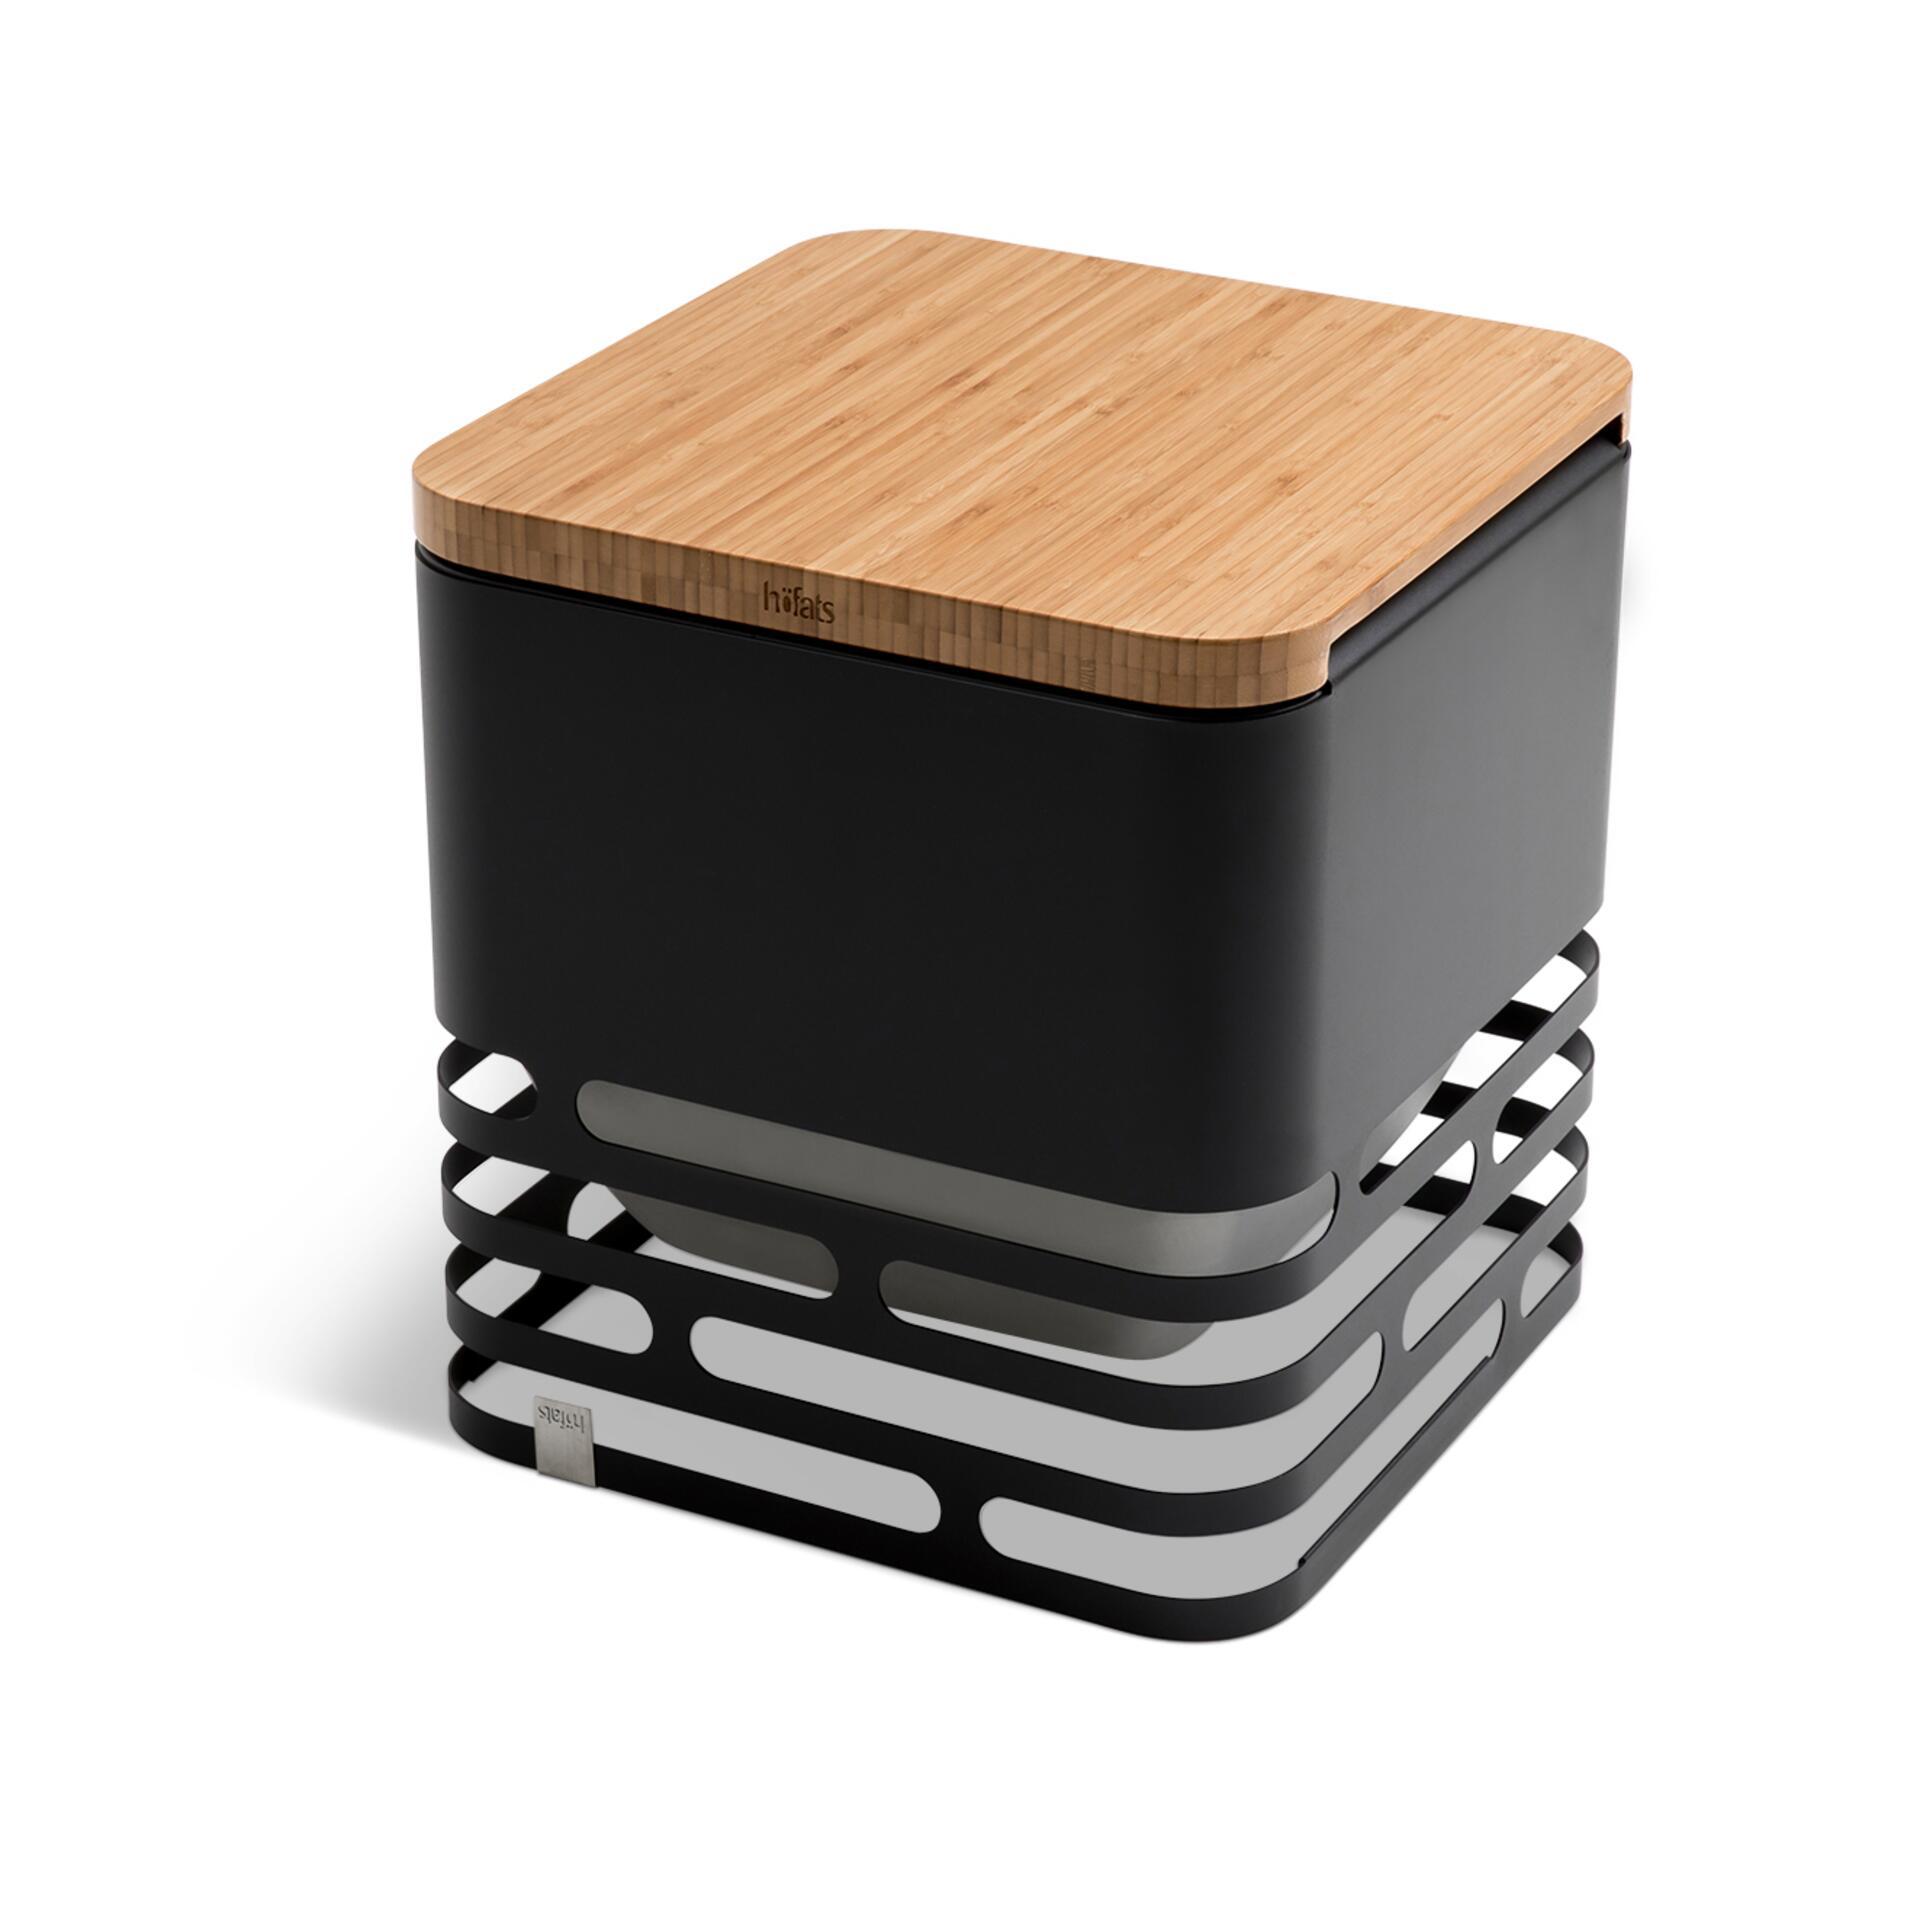 Höfats Cube Hocker Auflagebrett